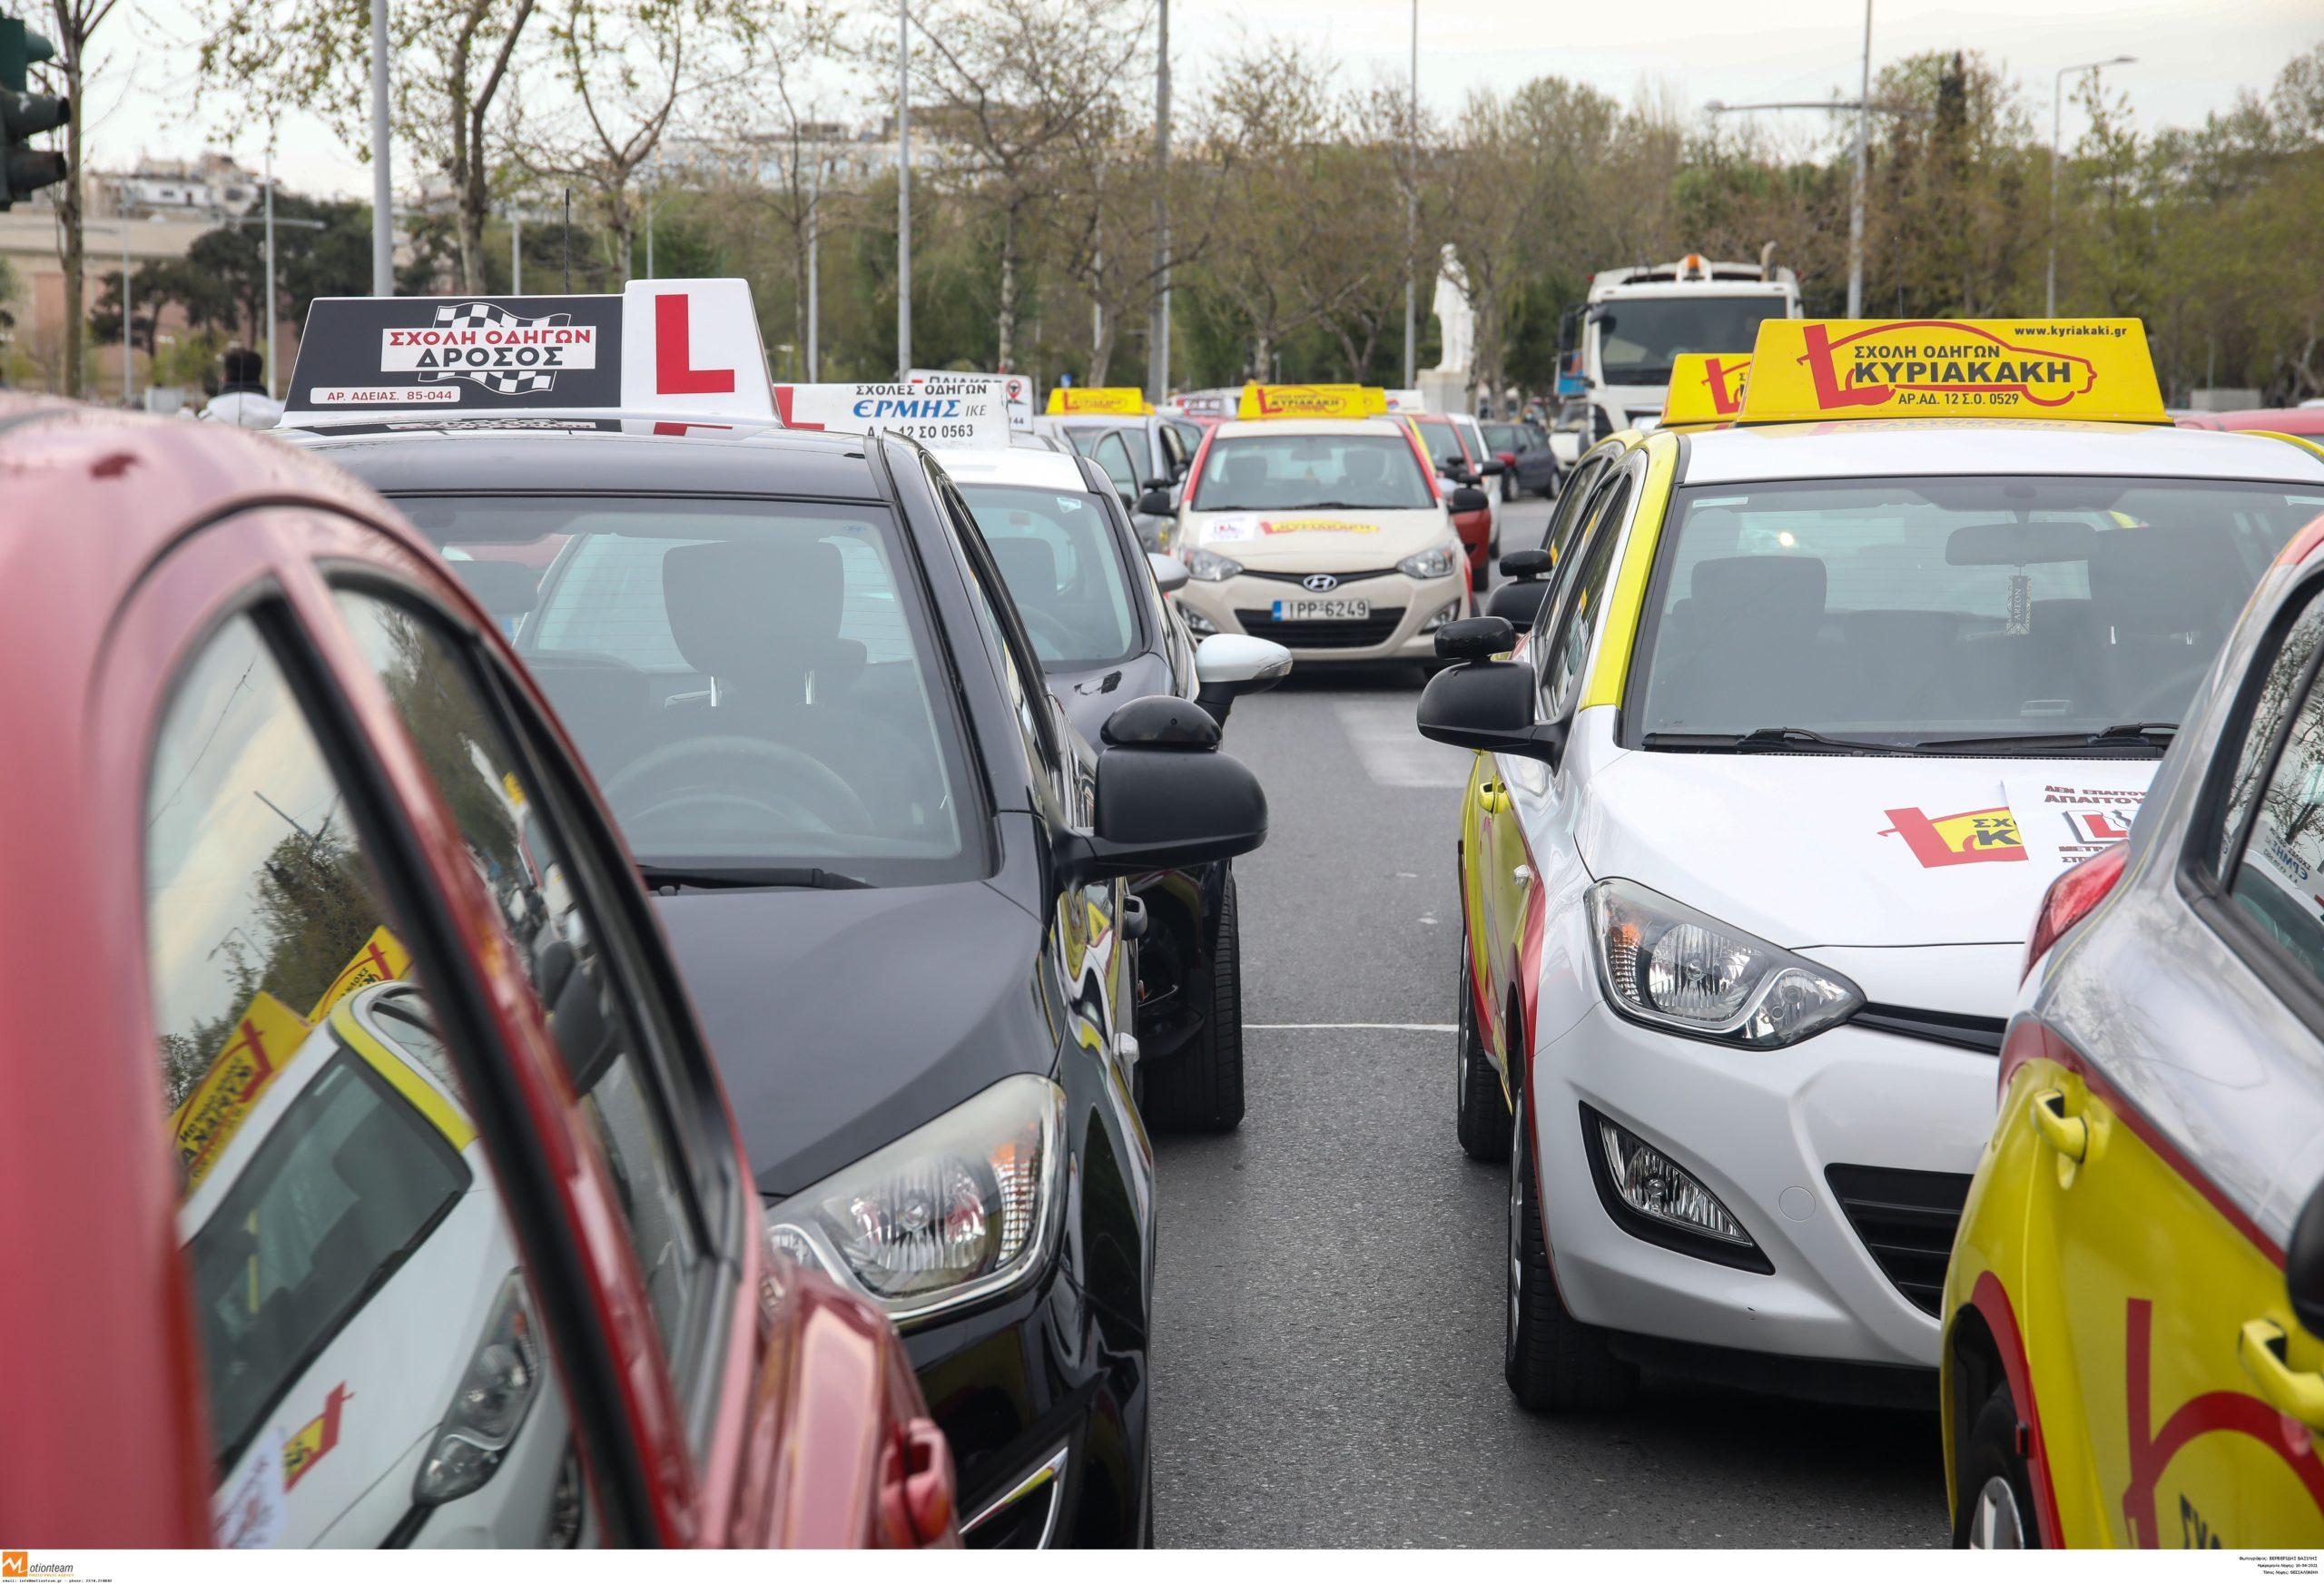 Tι αλλάζει στις άδειες οδήγησης – Ο γ.γ. του υπουργείου Υποδομών & Μεταφορών μιλά στην ΕΡΤ (video)